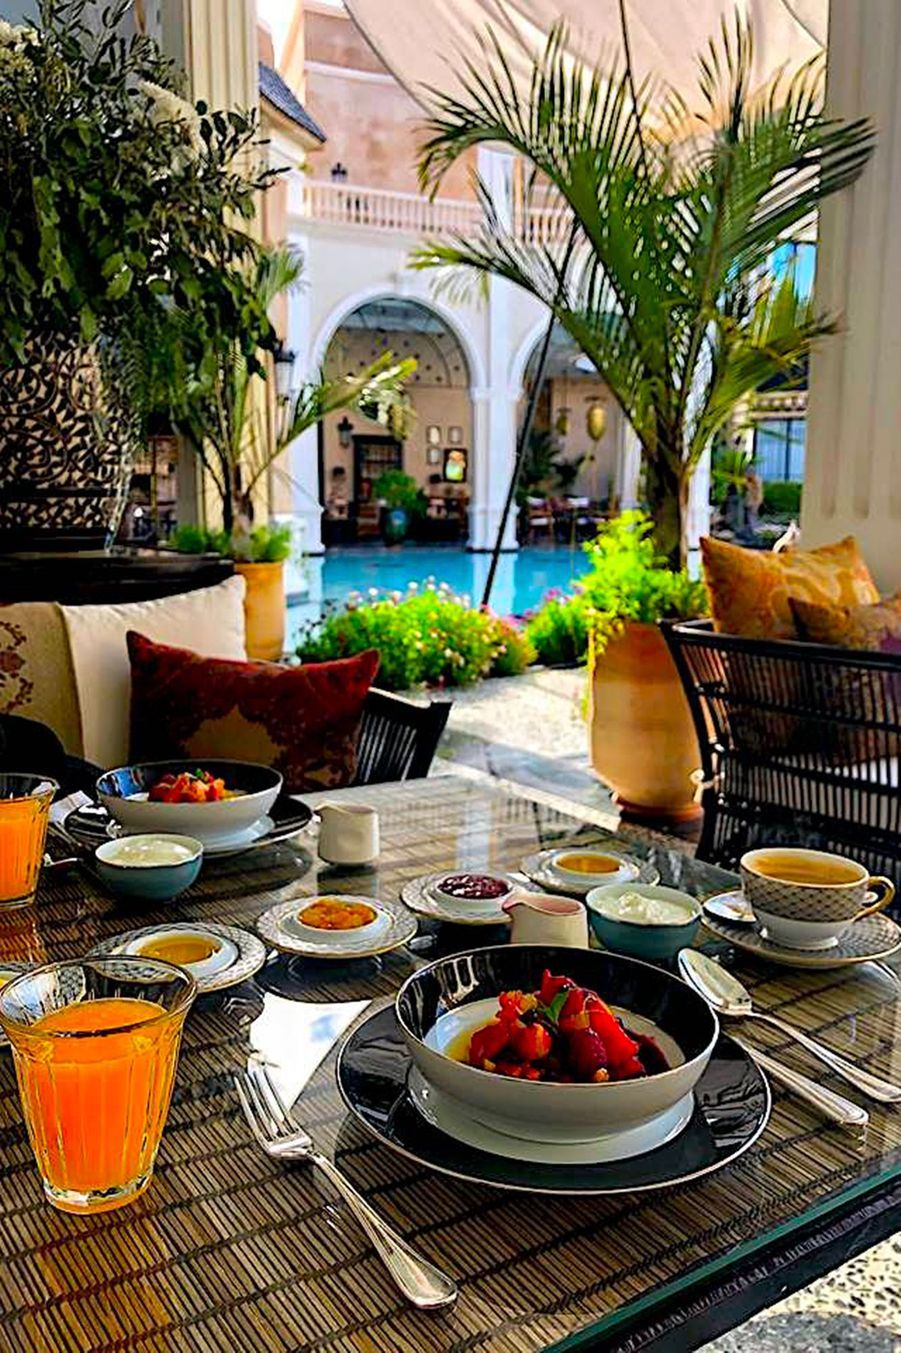 Petit dejeuner en terrasse.